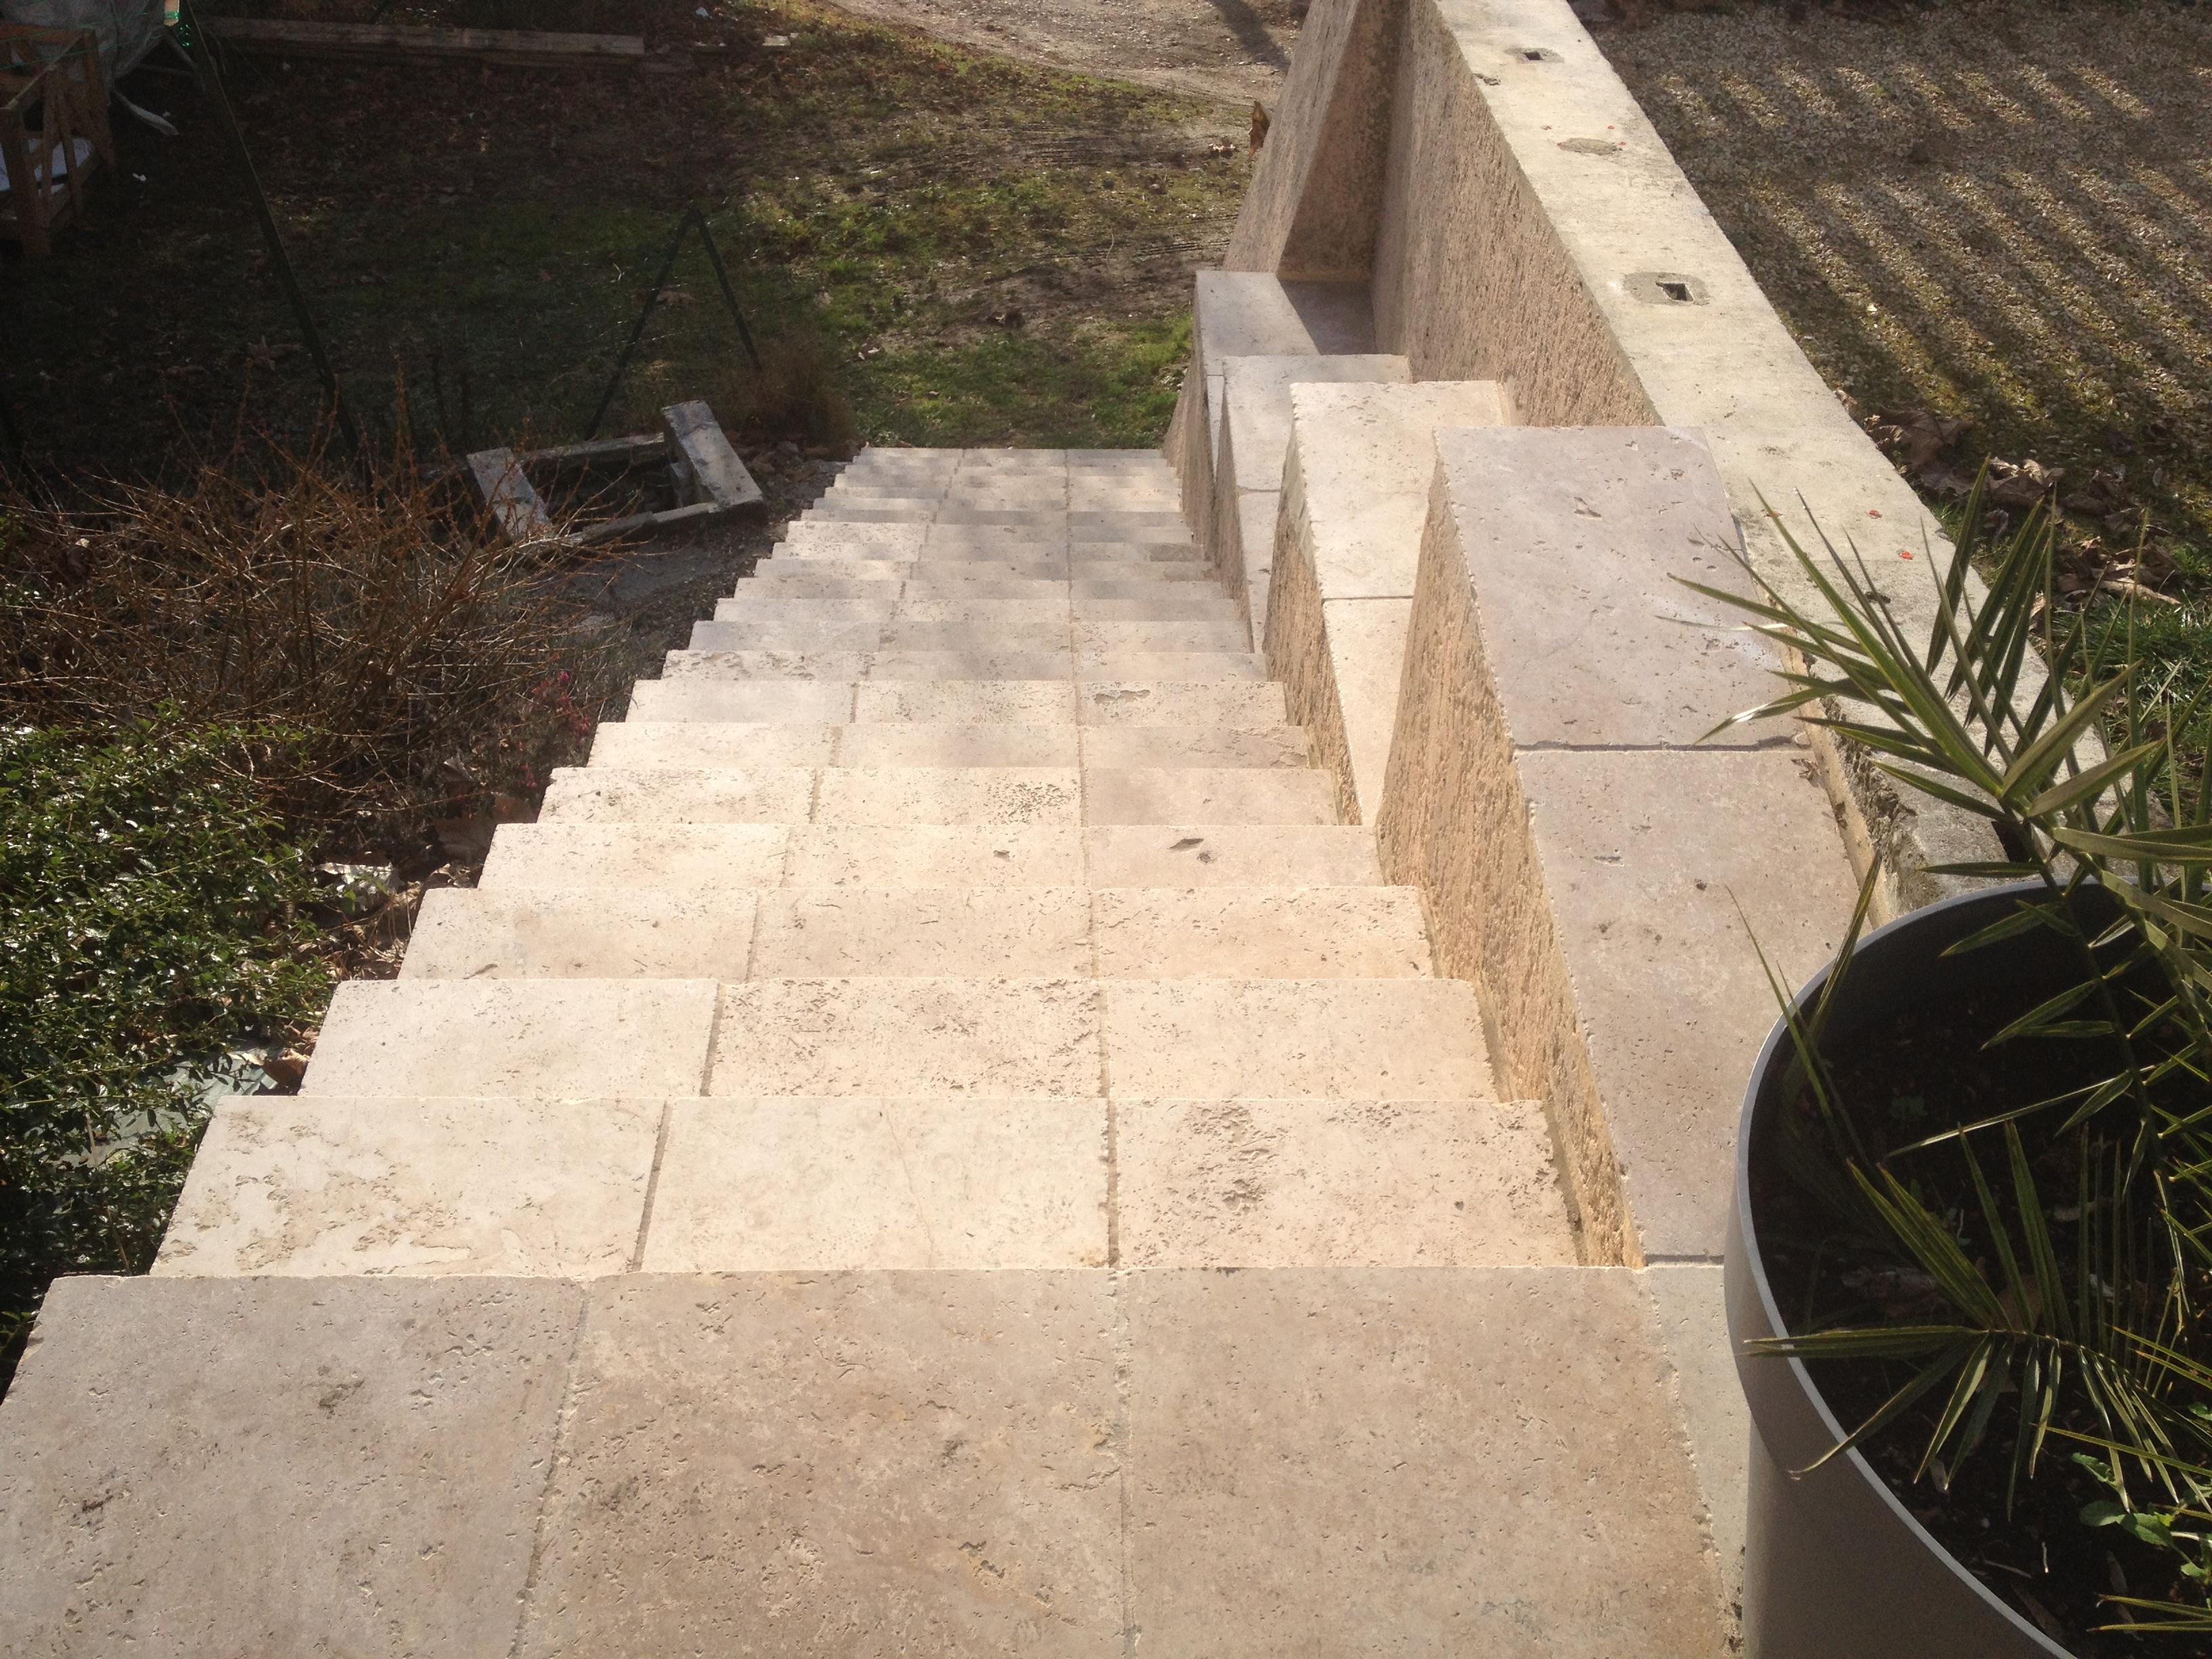 Escaliers reflet carrelage reflet carrelage for Escalier pierre naturelle